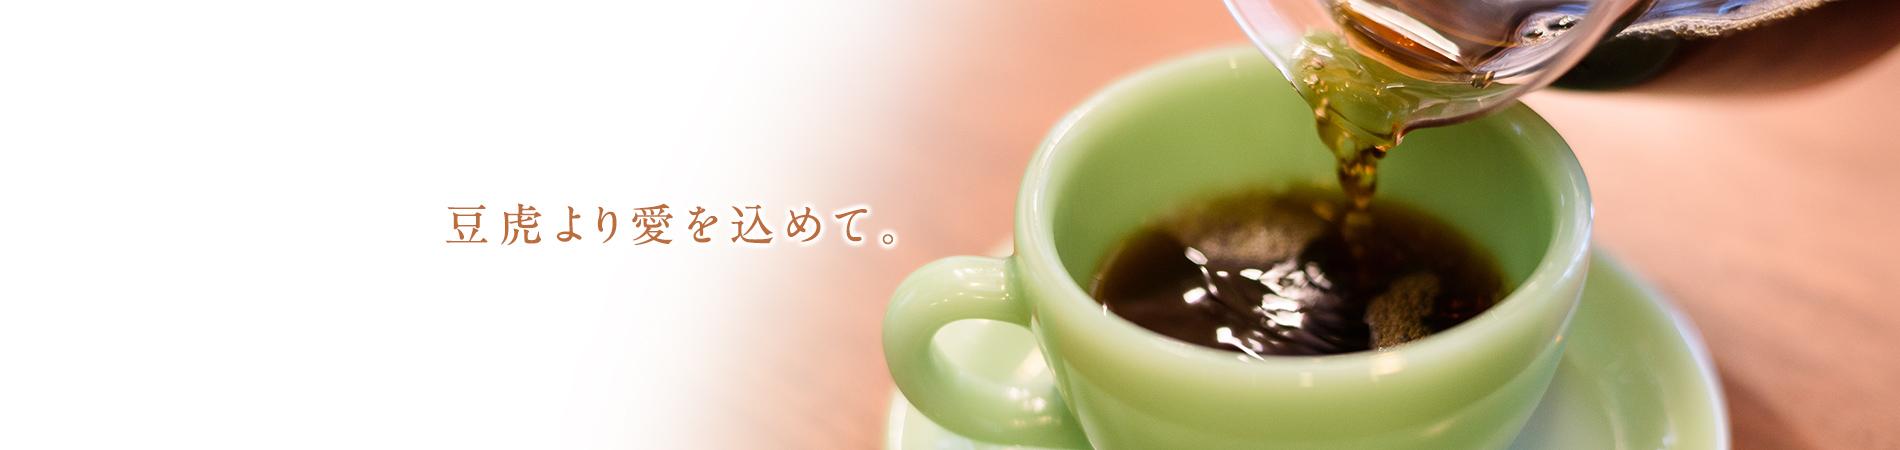 鮮度抜群でお客様の味覚に合った焙煎のコーヒーを、是非お楽しみください